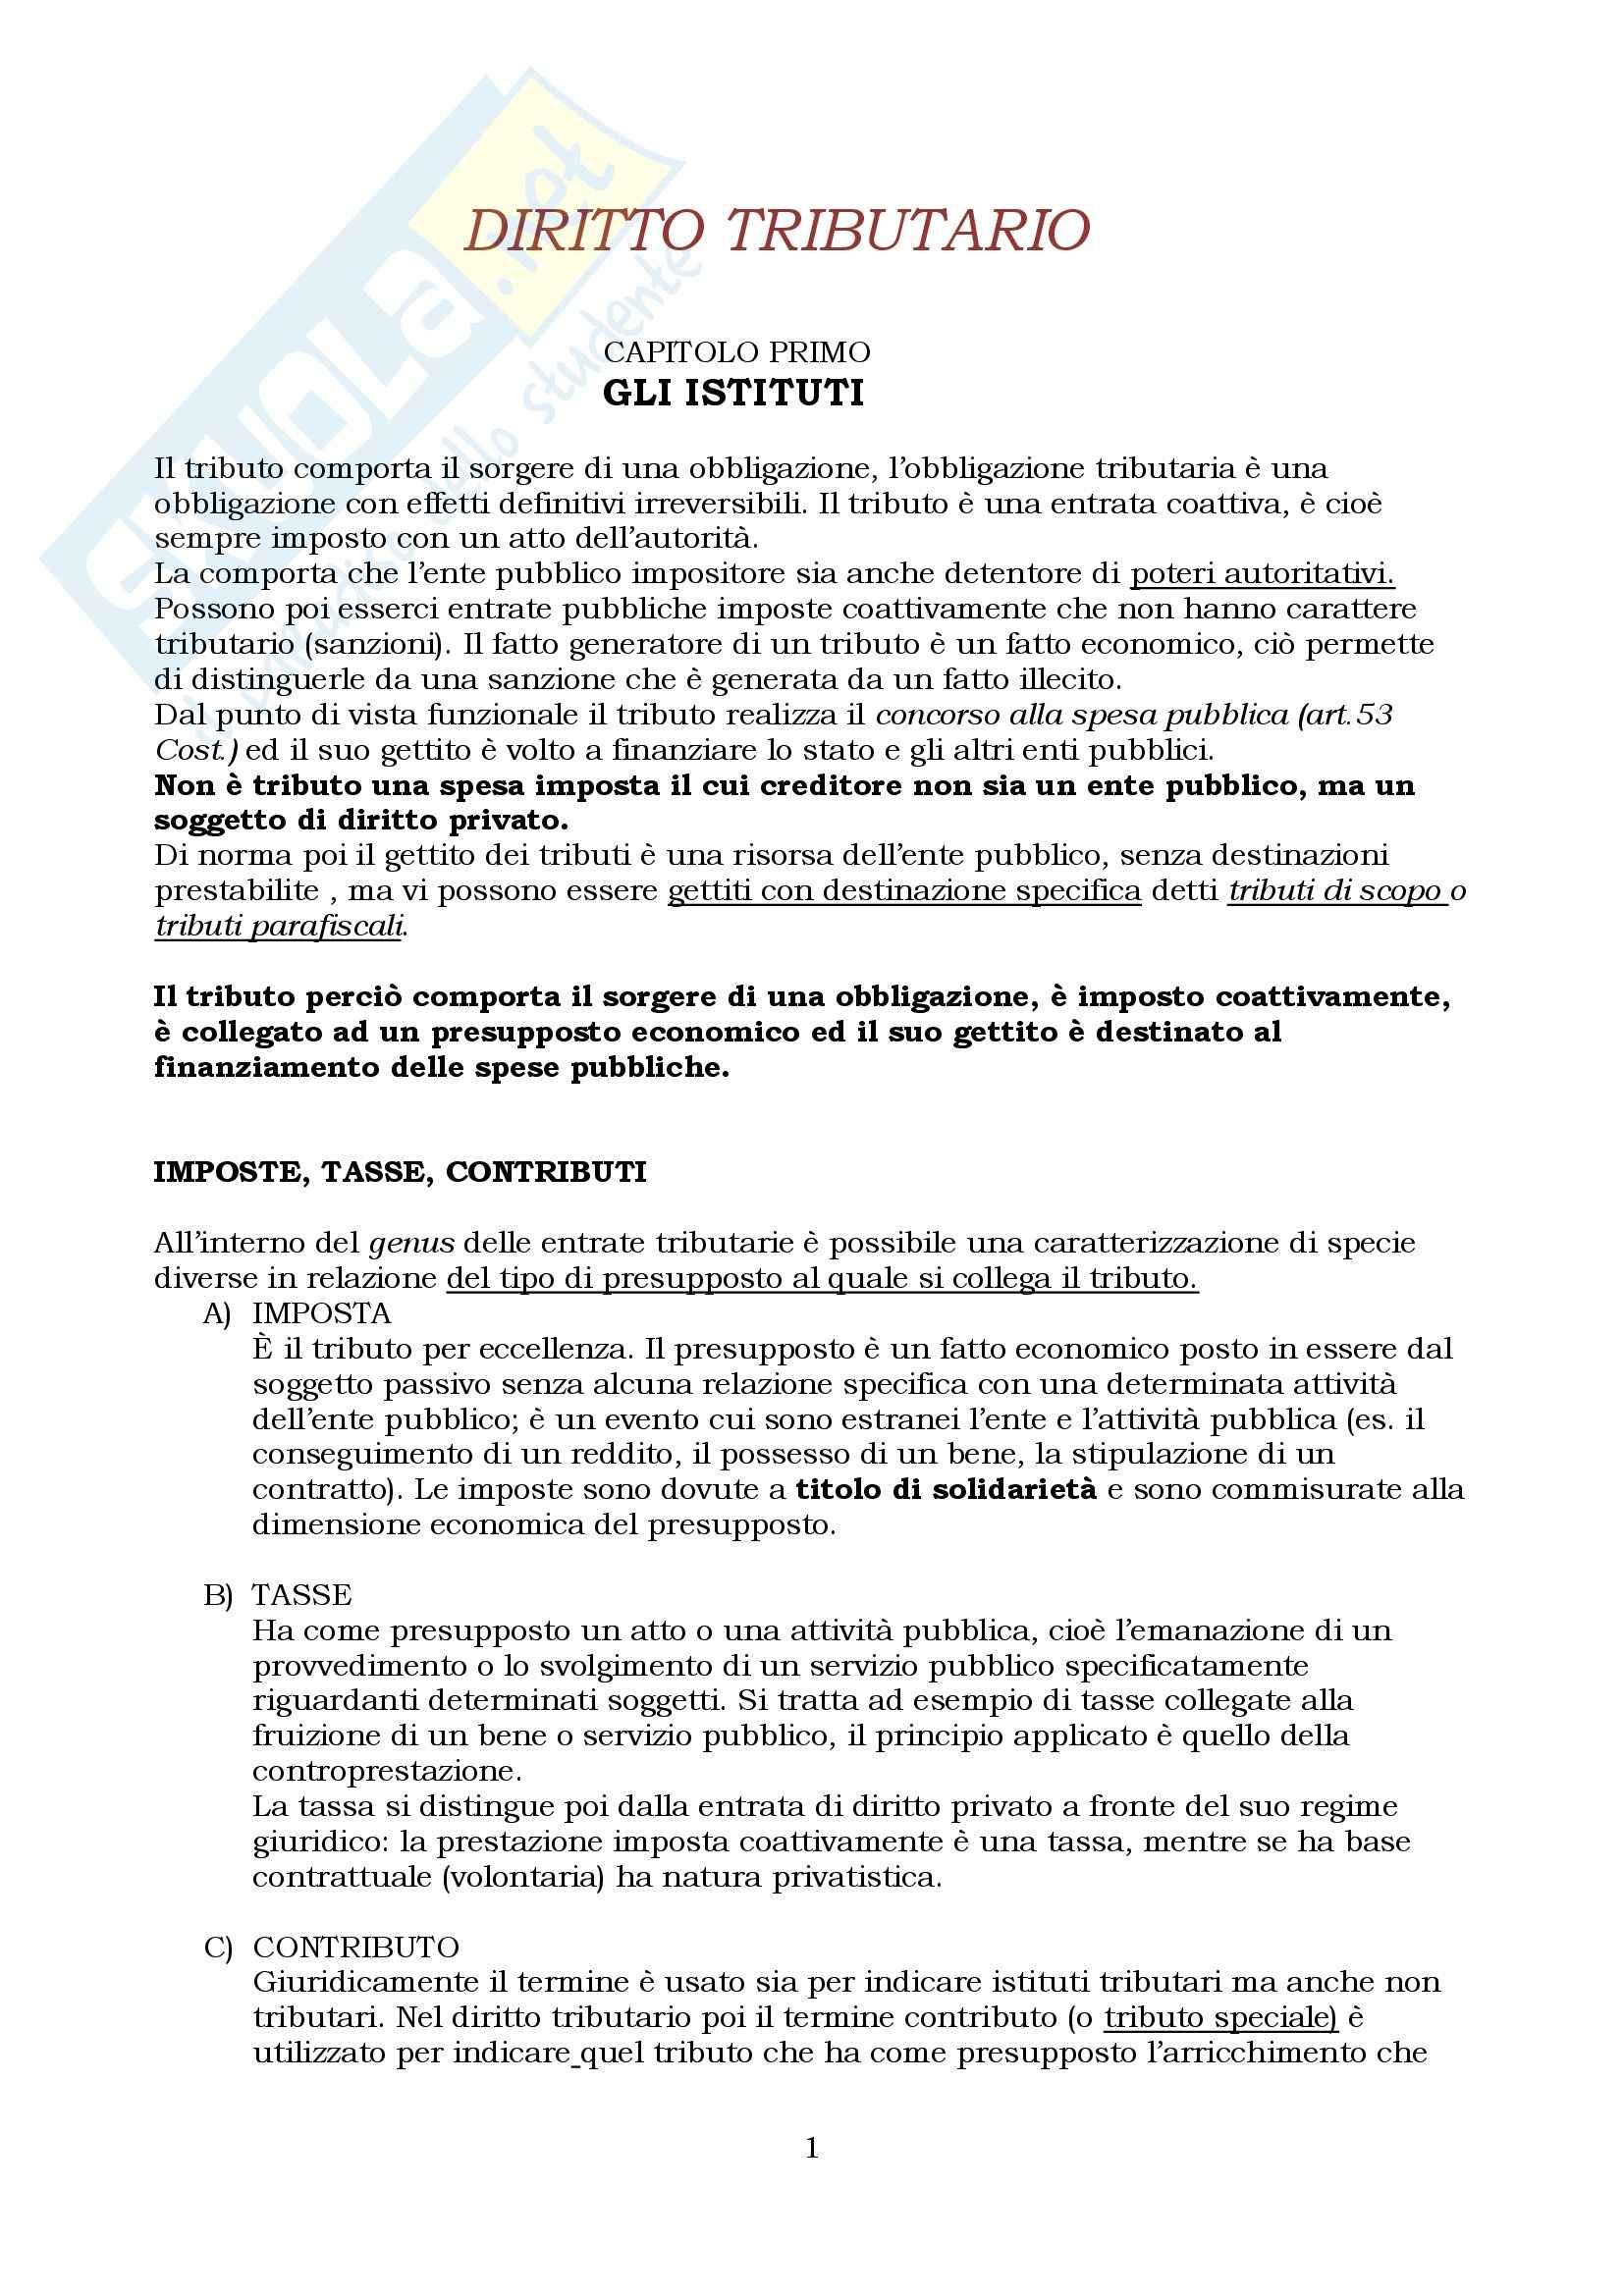 Riassunto esame Diritto Tributario, prof. Fregni, libro consigliato Diritto tributario, Tesauro